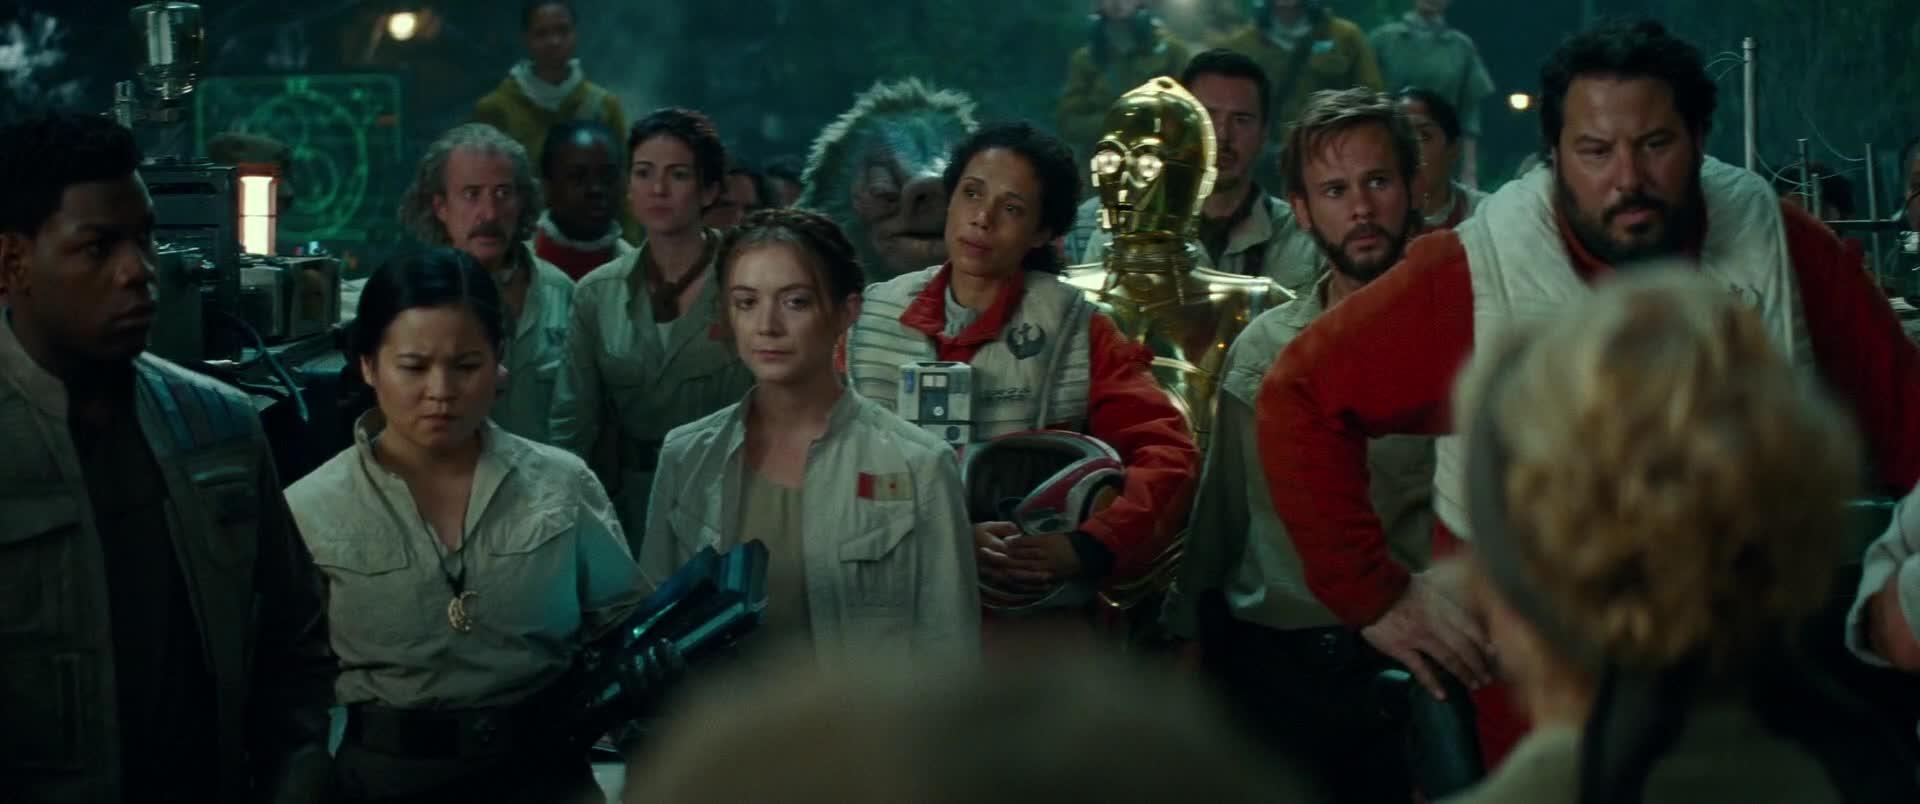 Star Wars Vzestup Skywalkera 2019 CZ dabing HD 1080p